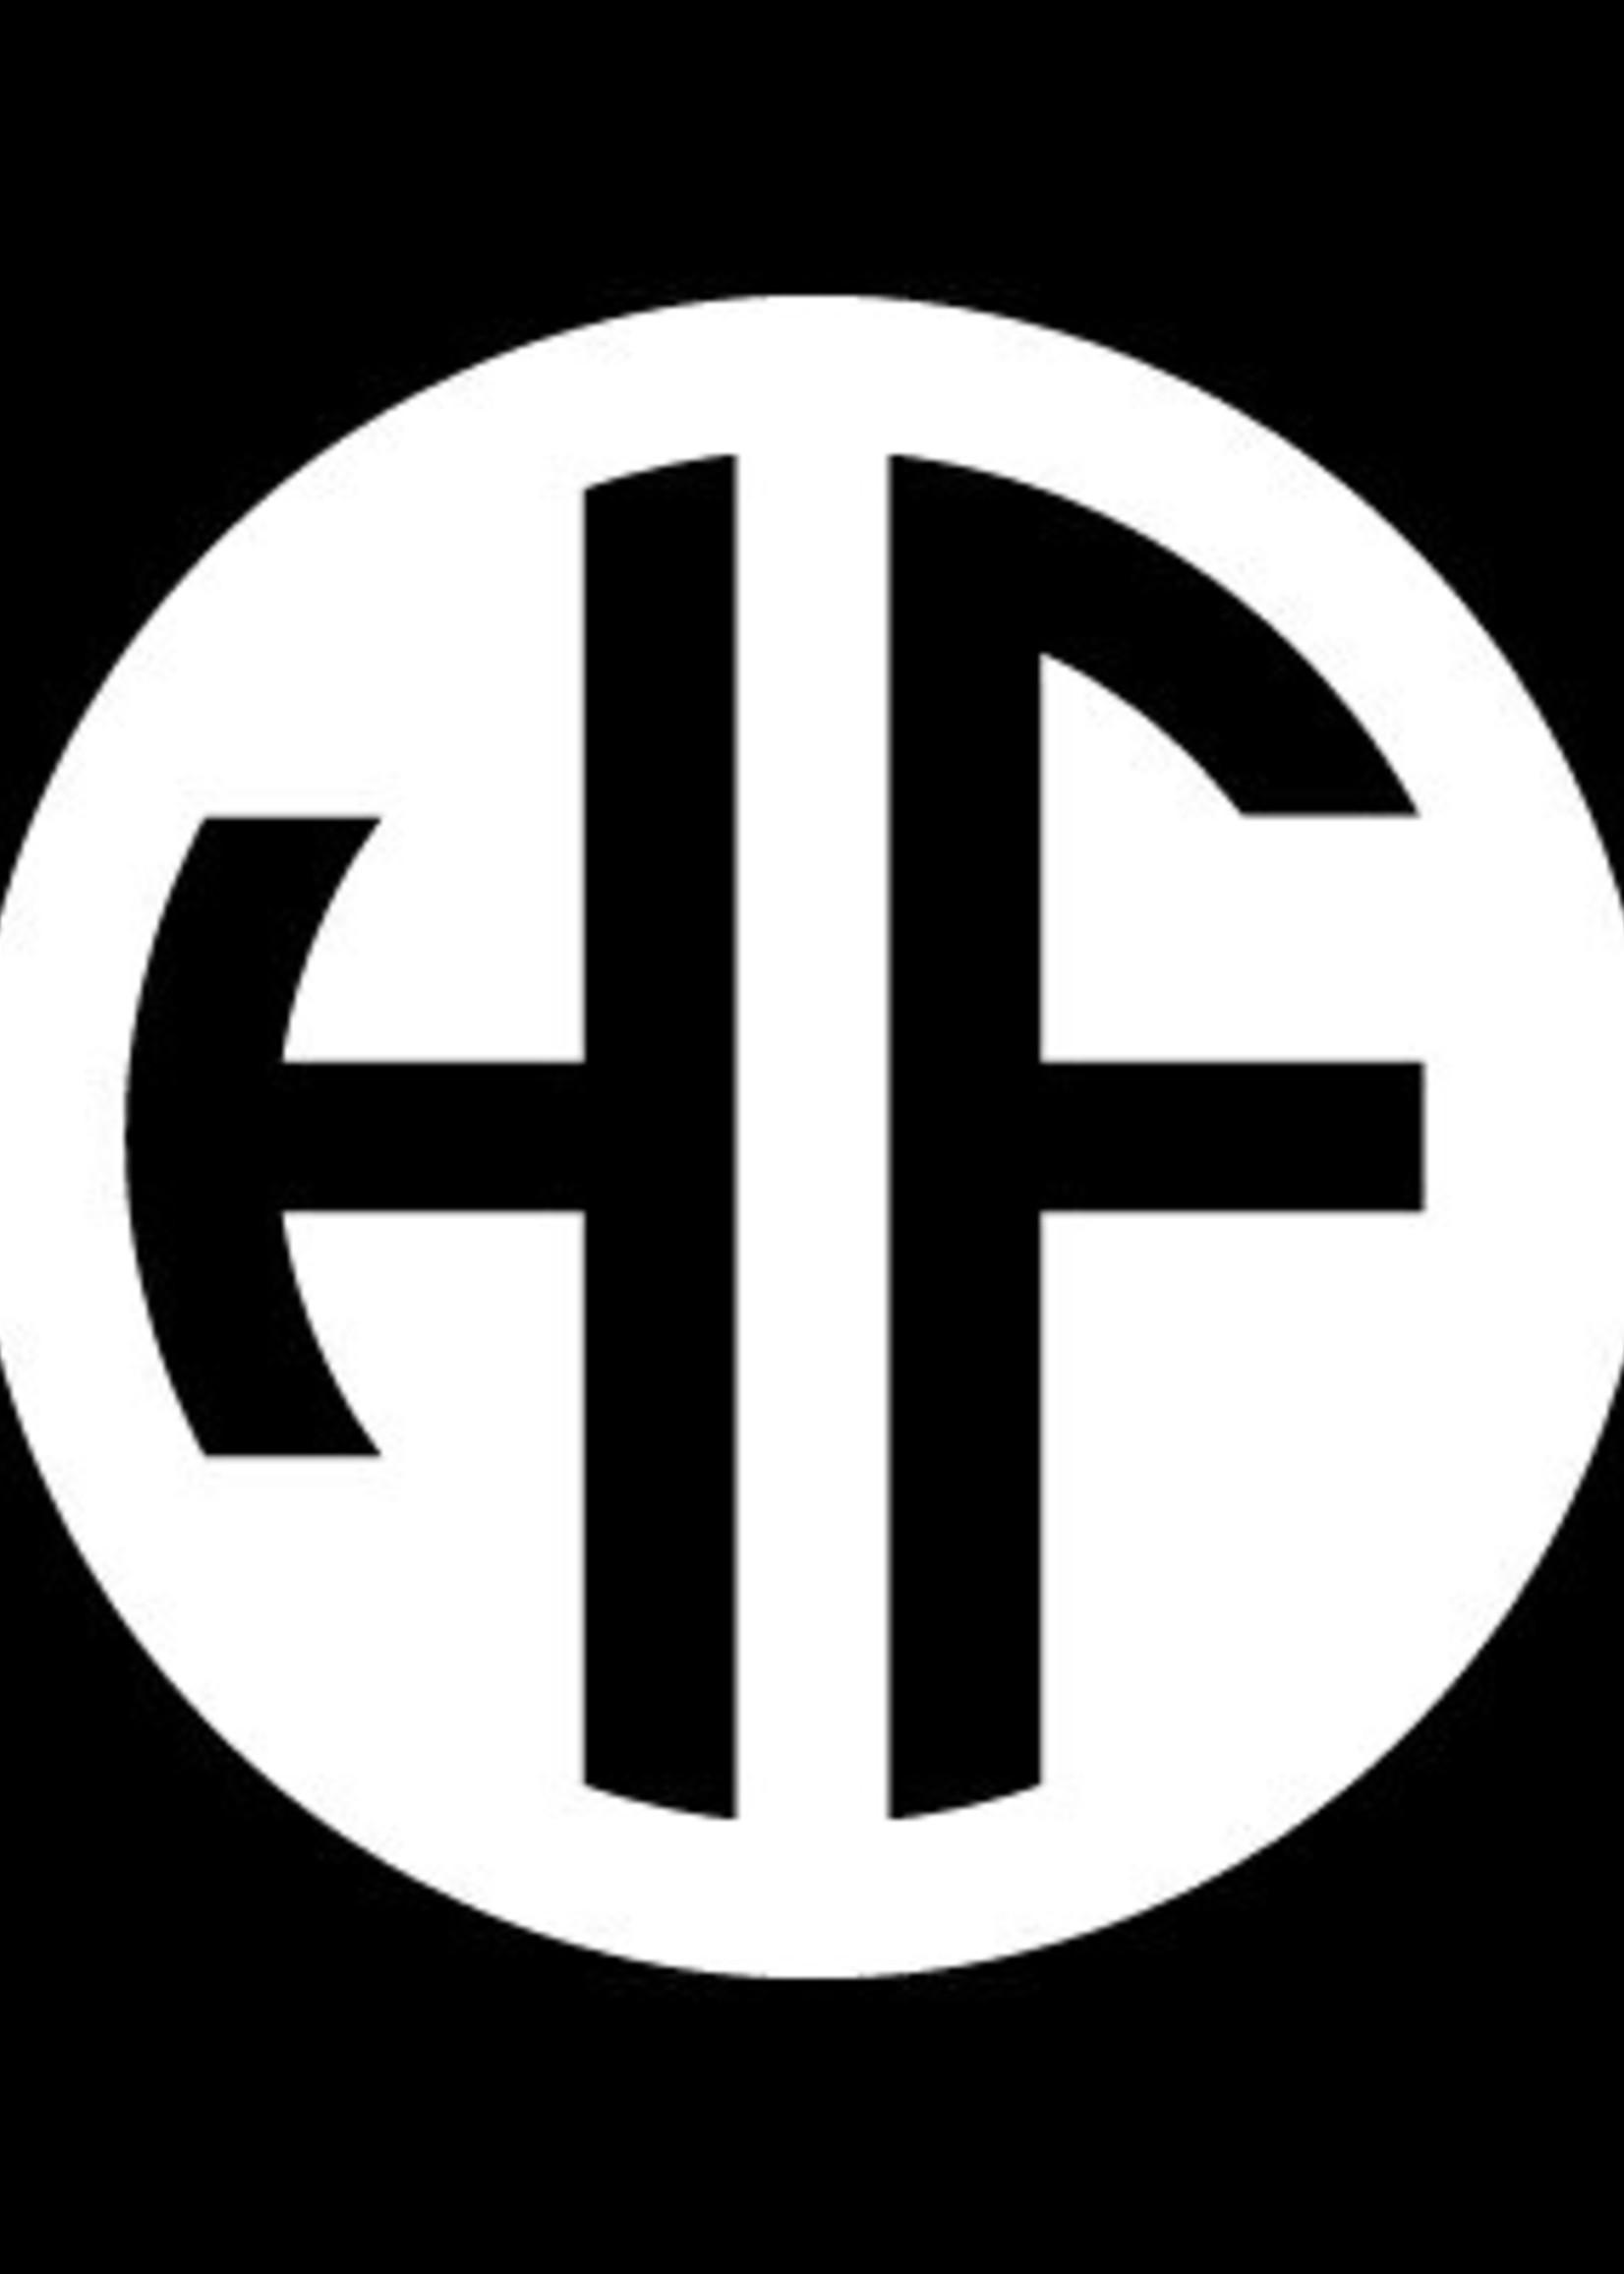 Headflyer Kingfield Coffee Porter - 4x16oz Cans